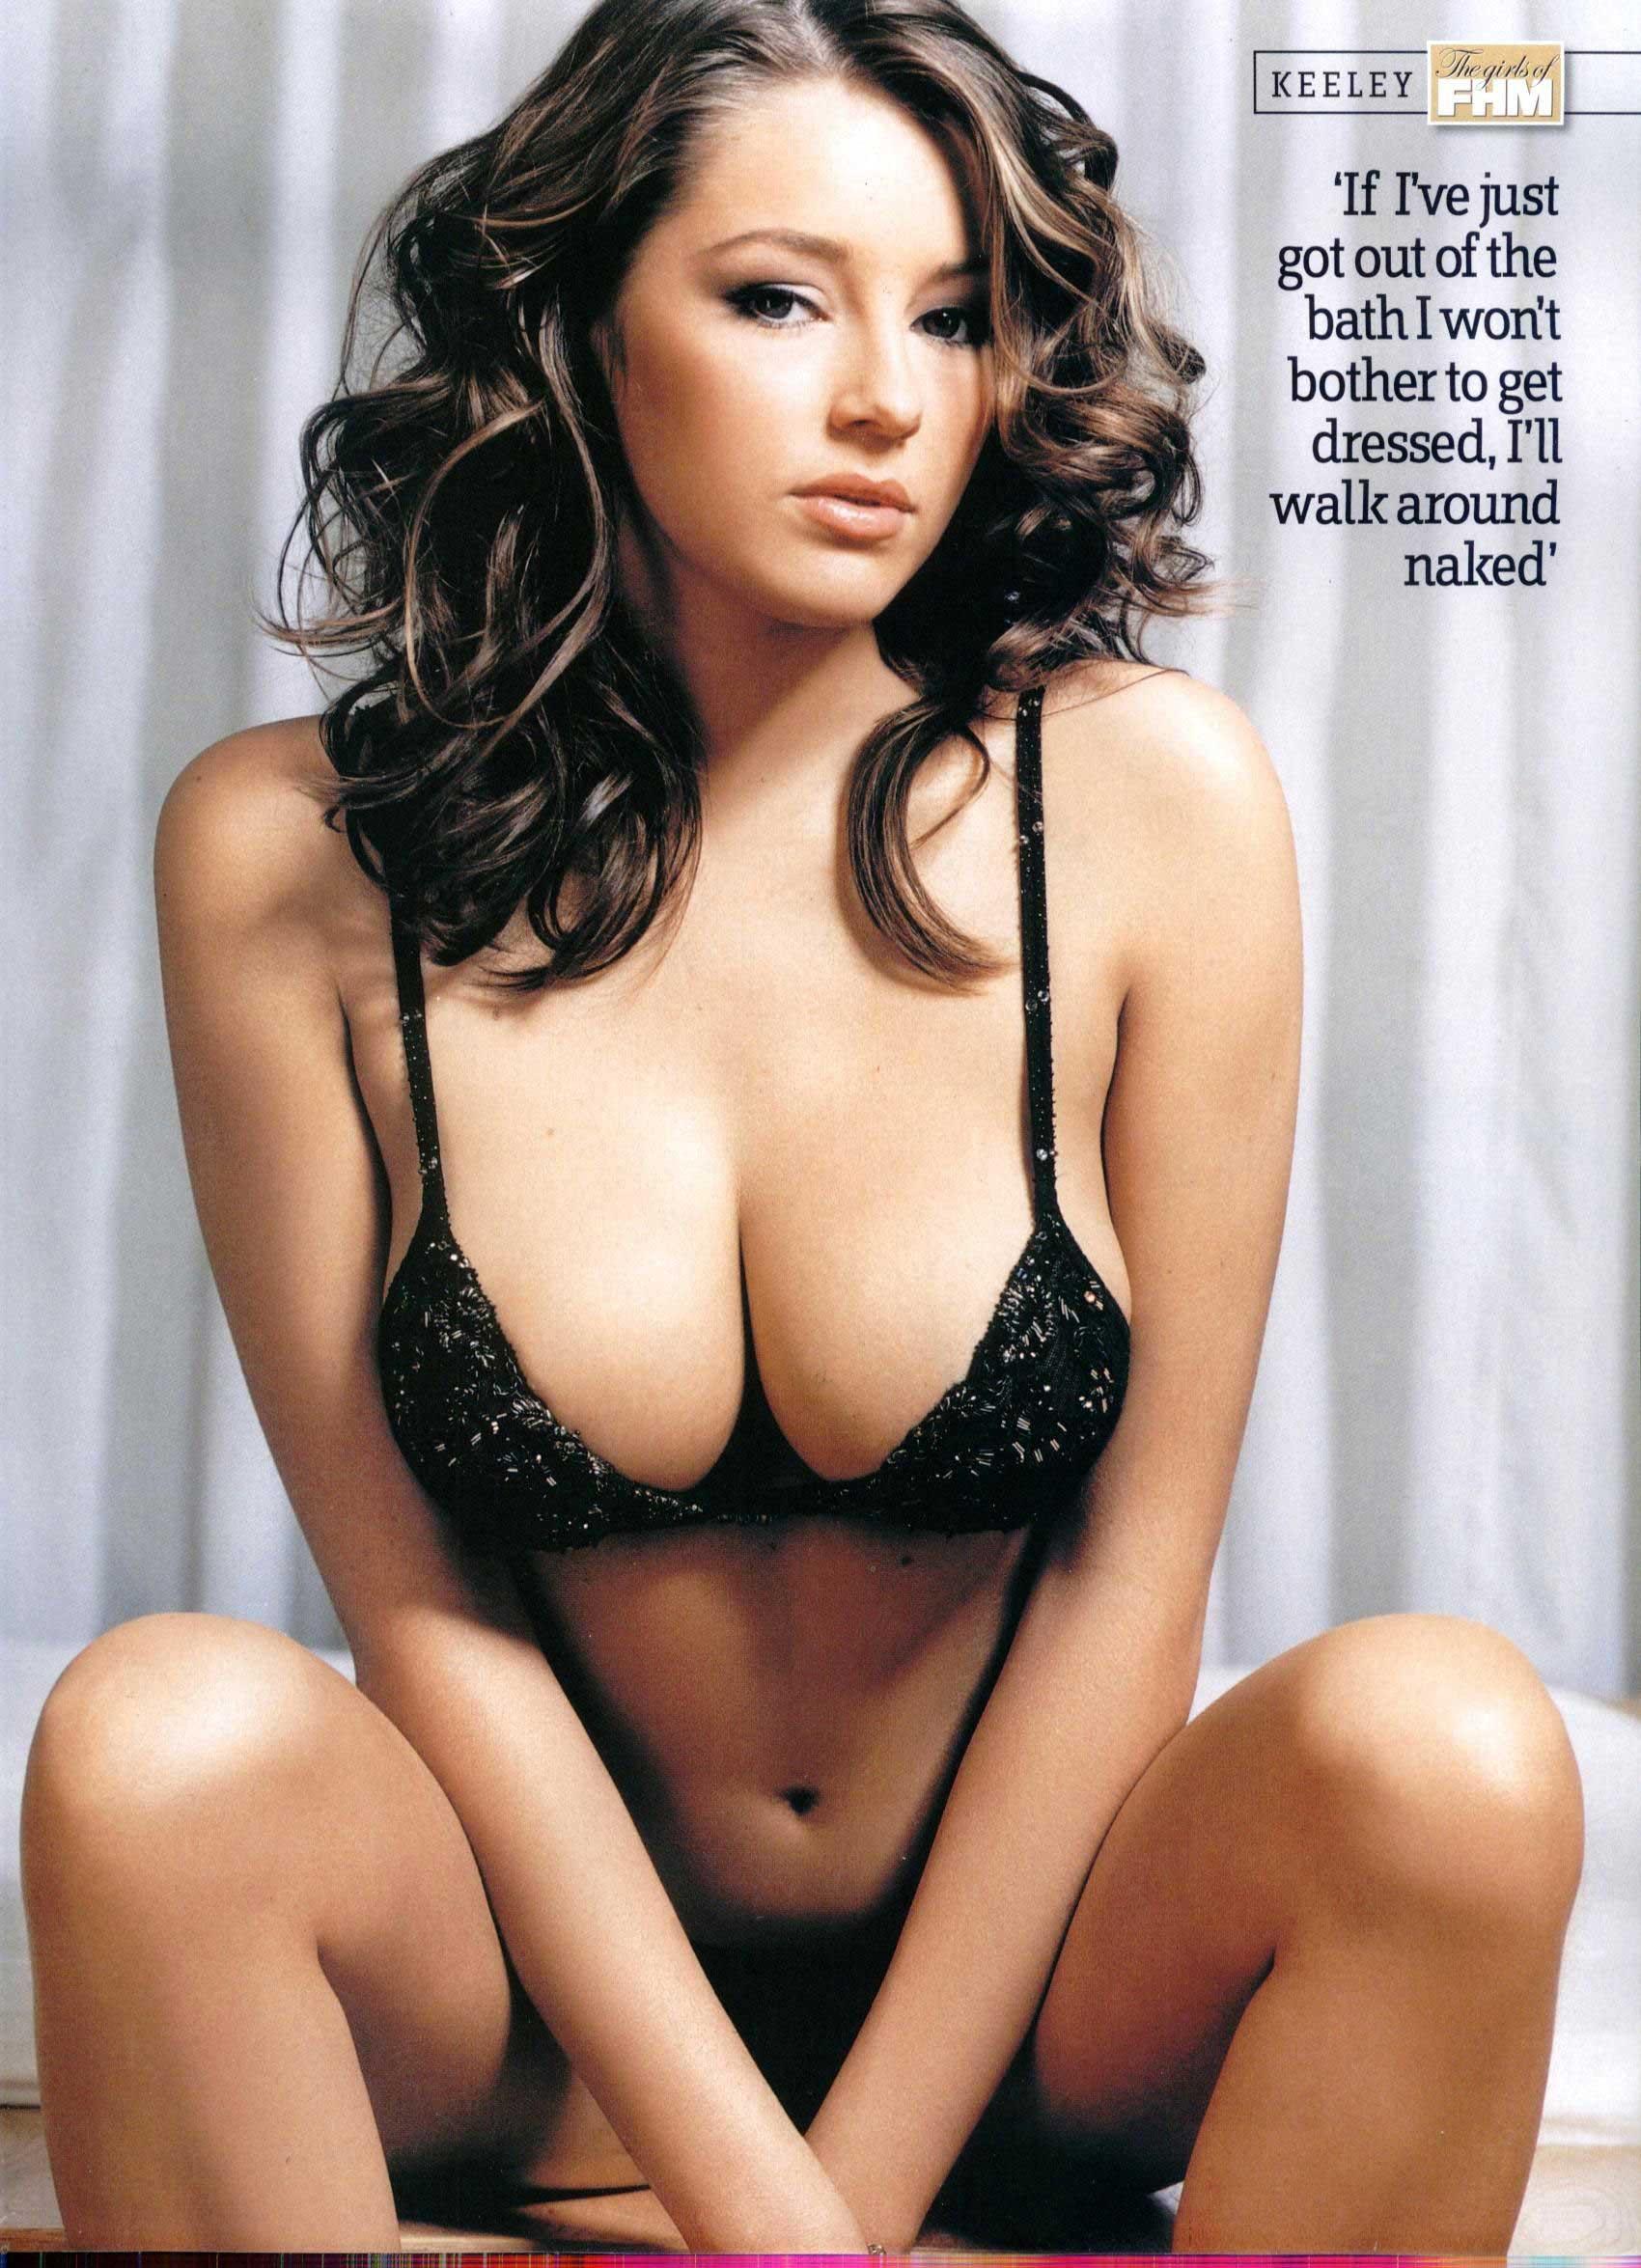 Шикарная девушка с красивой грудью фото 15 фотография